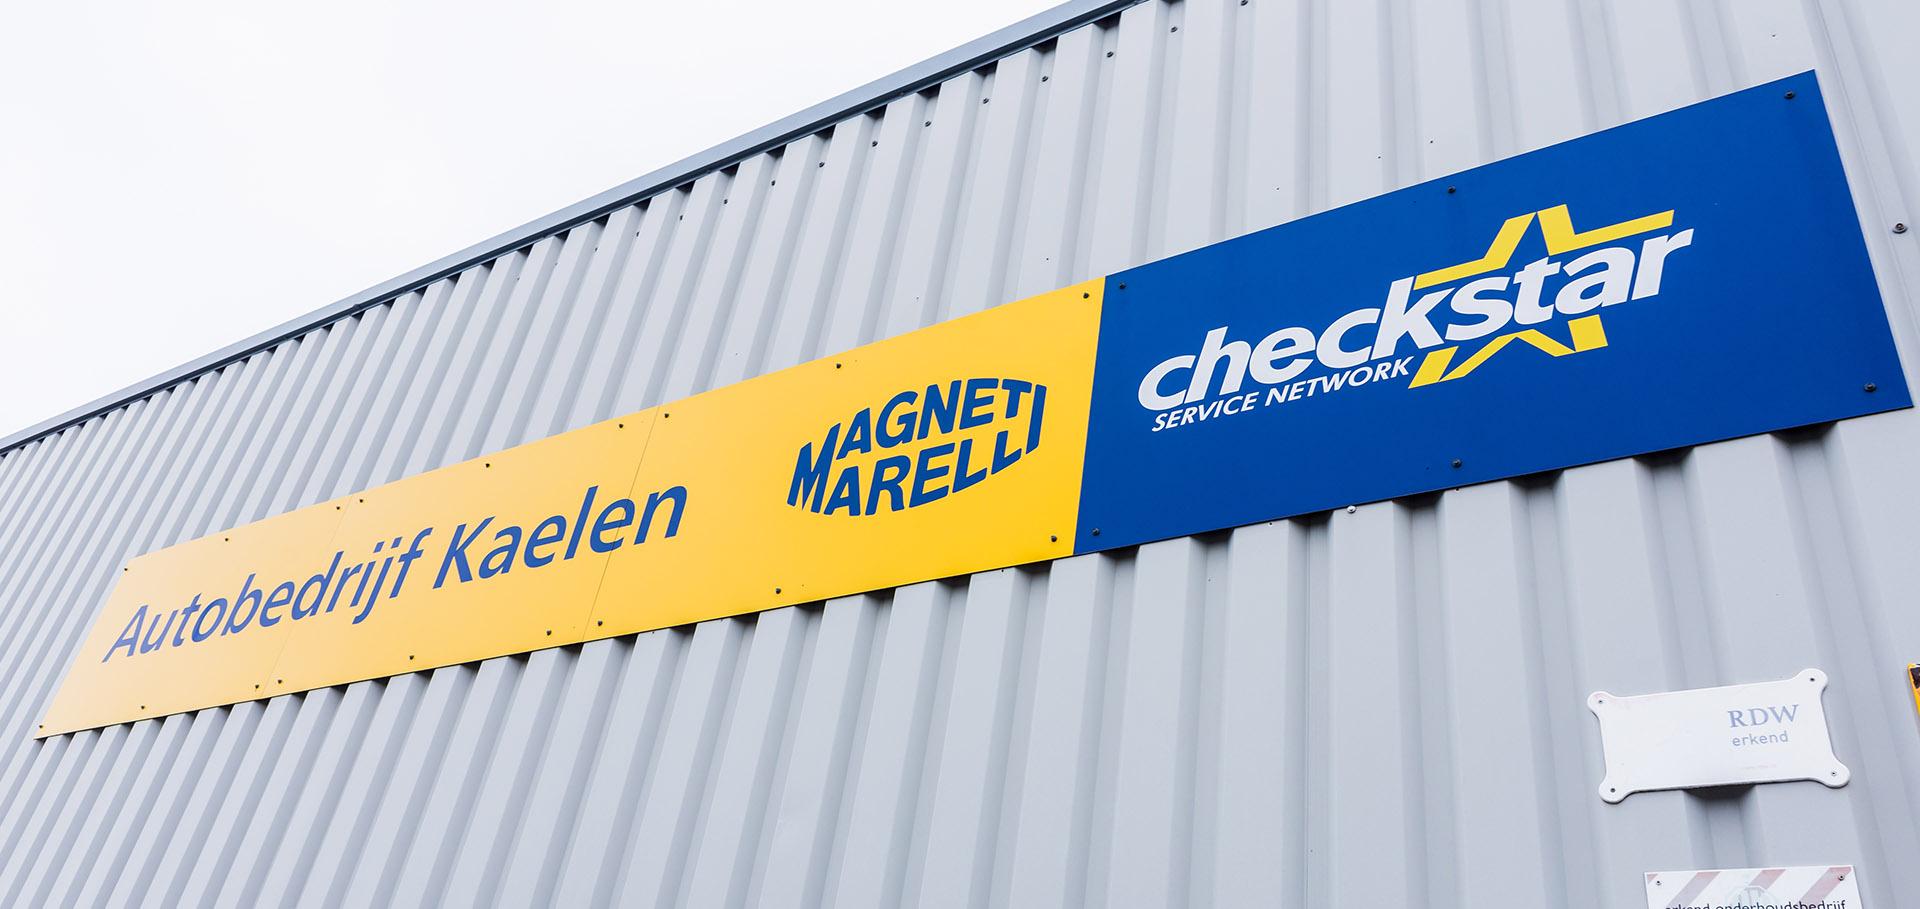 Checkstar autobedrijf Kaelen